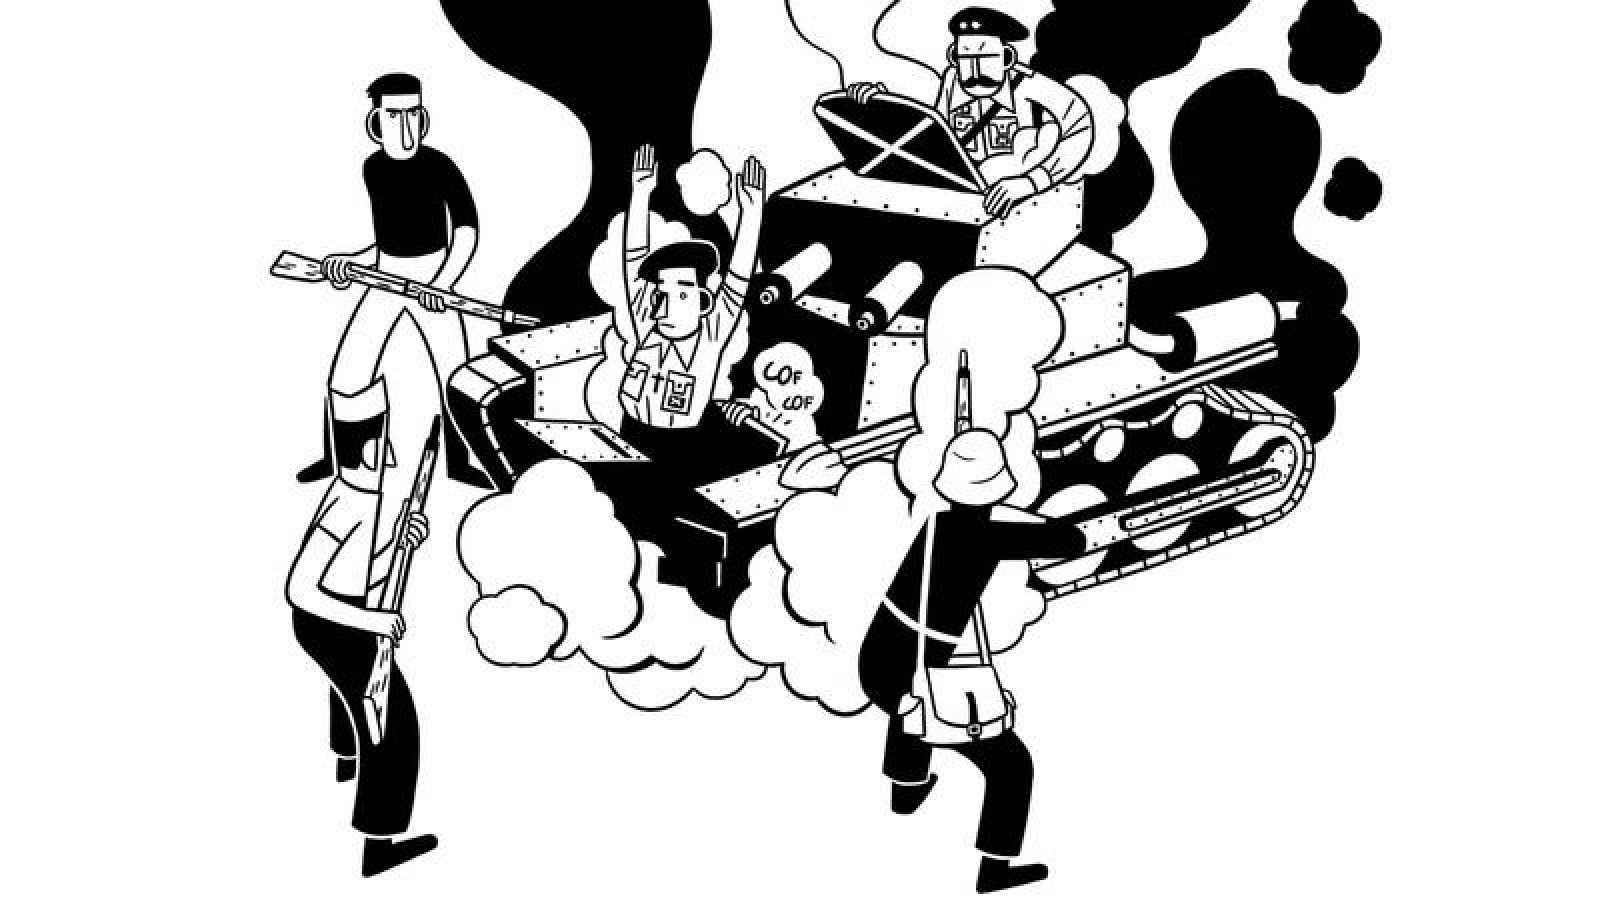 Dorable Página Para Colorear De Guerra Civil Componente - Dibujos ...